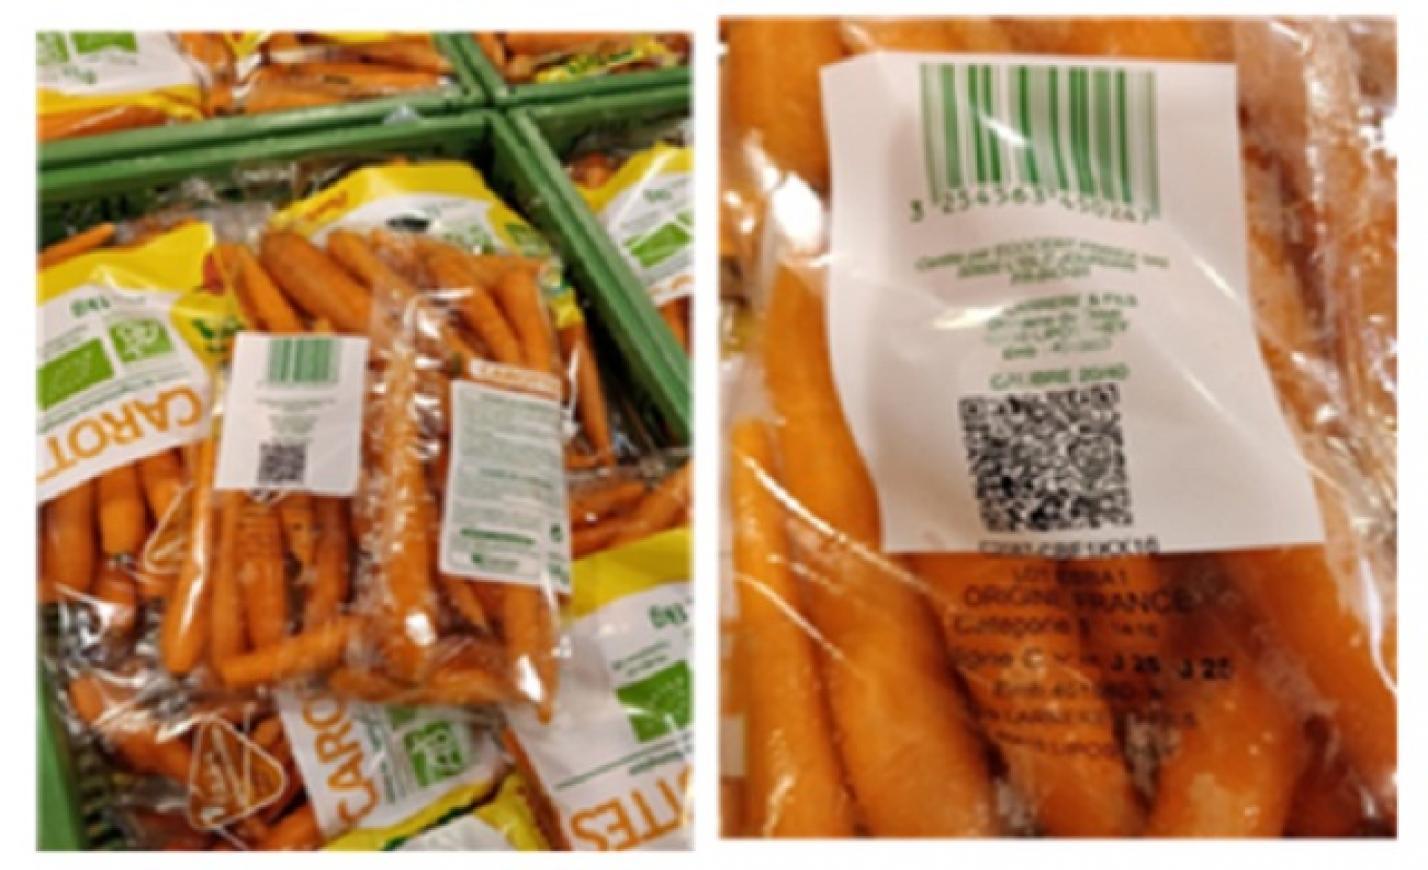 Magyar fejlesztők által készített blokklánc alapú élelmiszer nyomonkövetést vezet be az Auchan öt országban